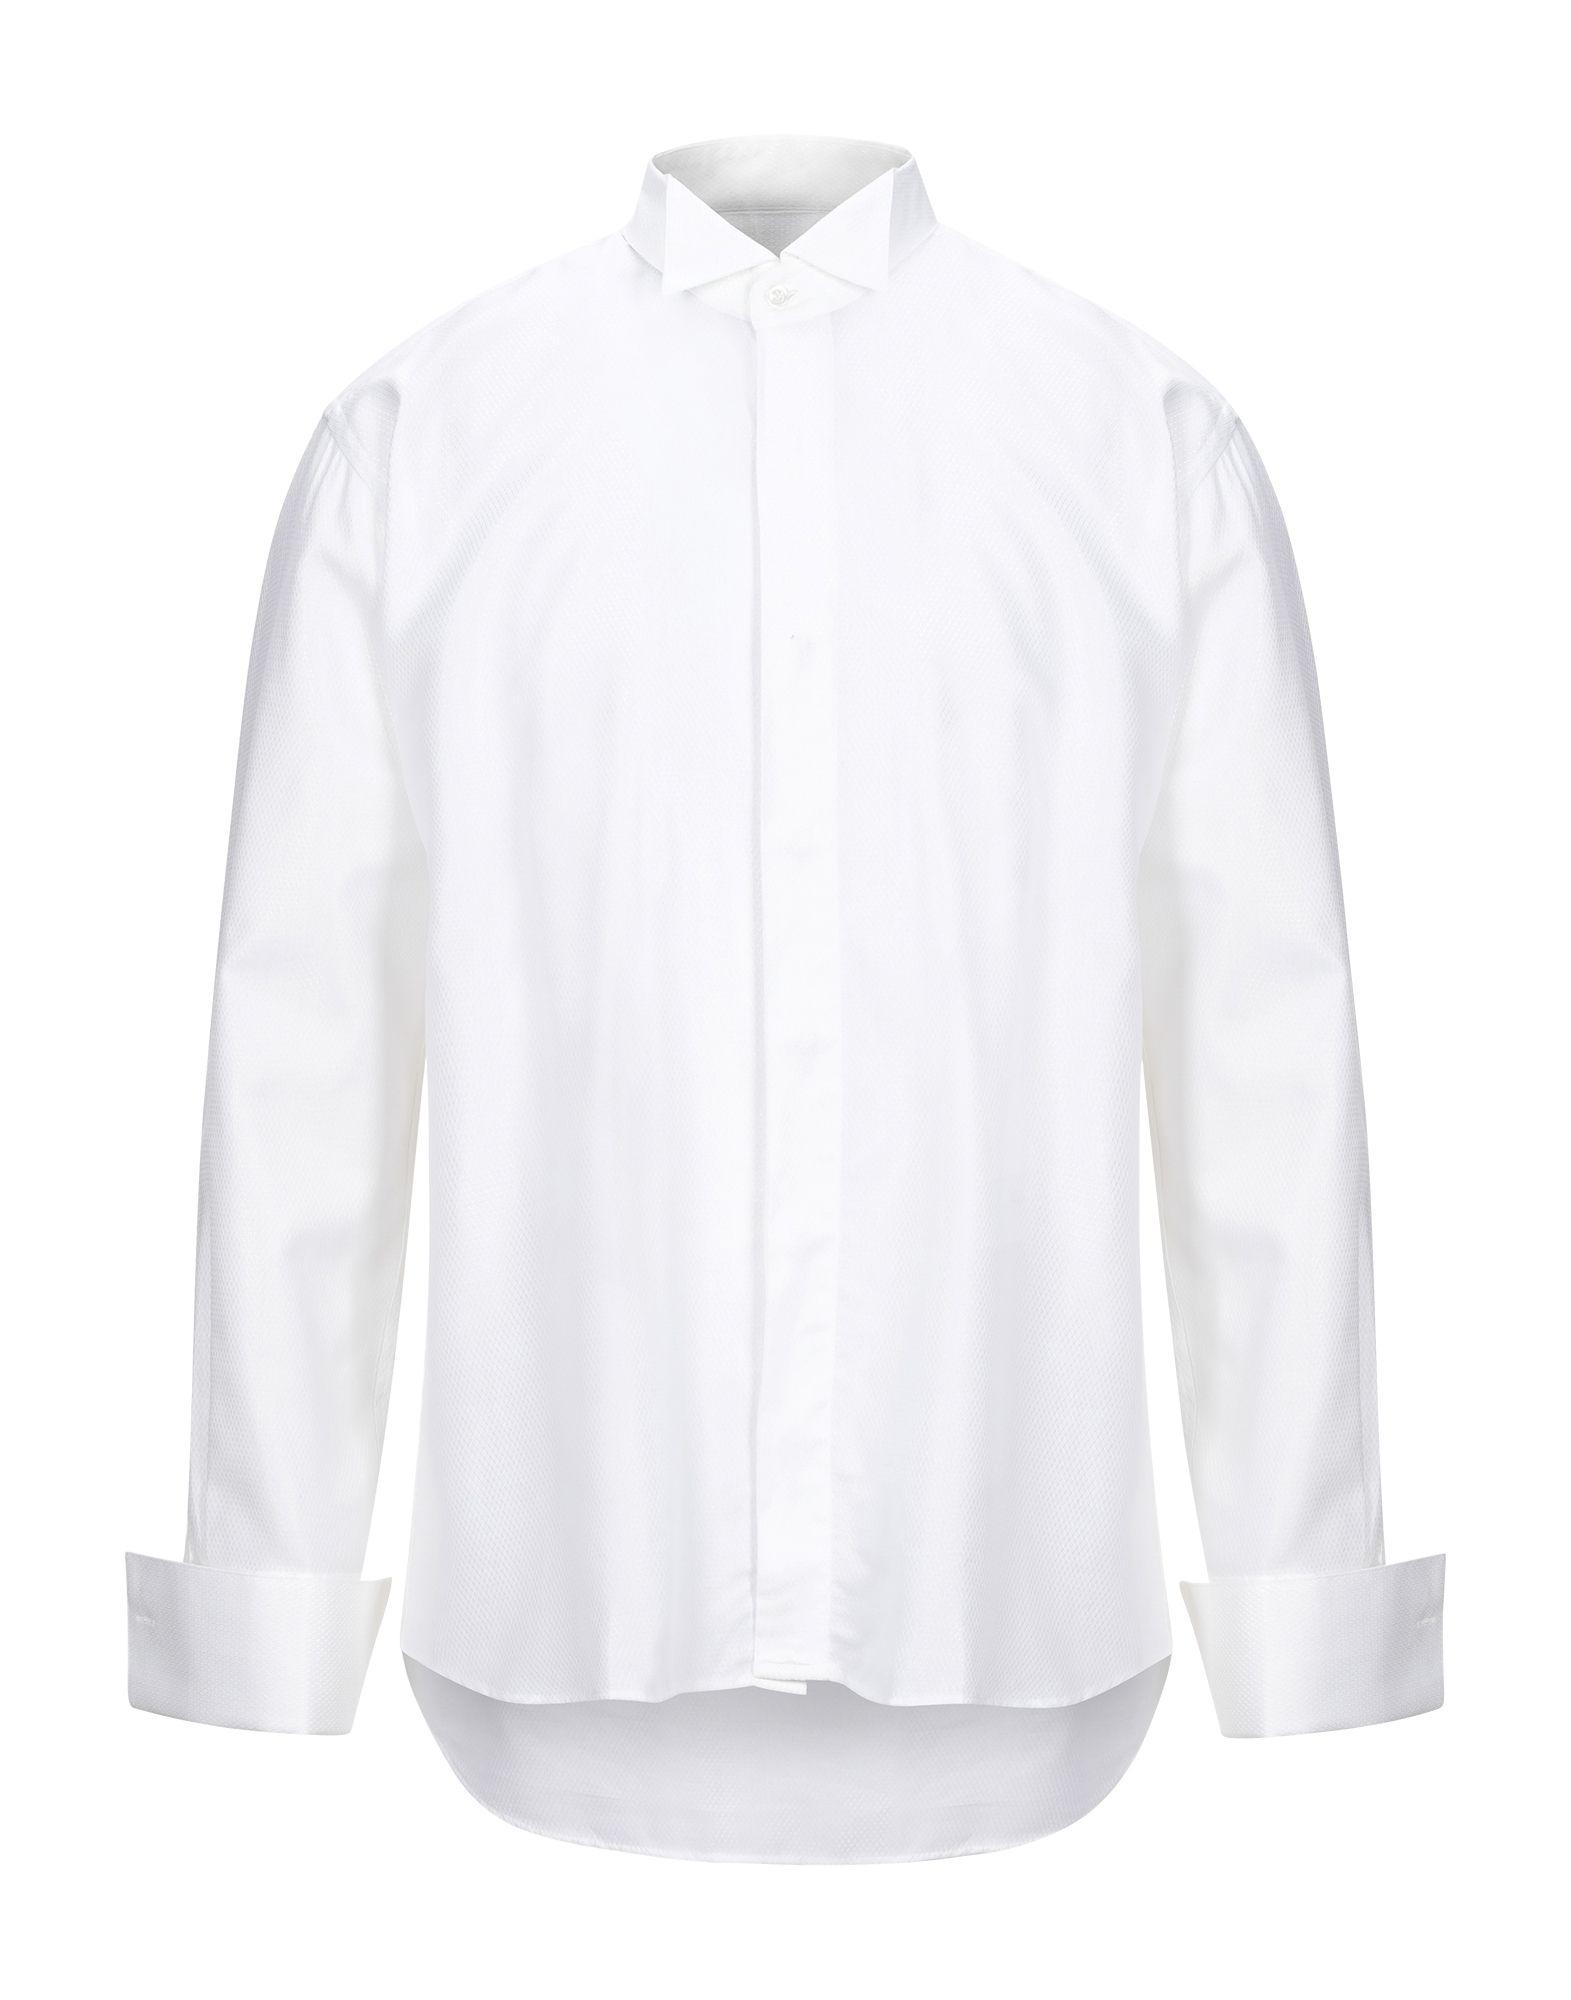 《セール開催中》ROCCOBAROCCO メンズ シャツ ホワイト 40 コットン 50% / レーヨン 50%